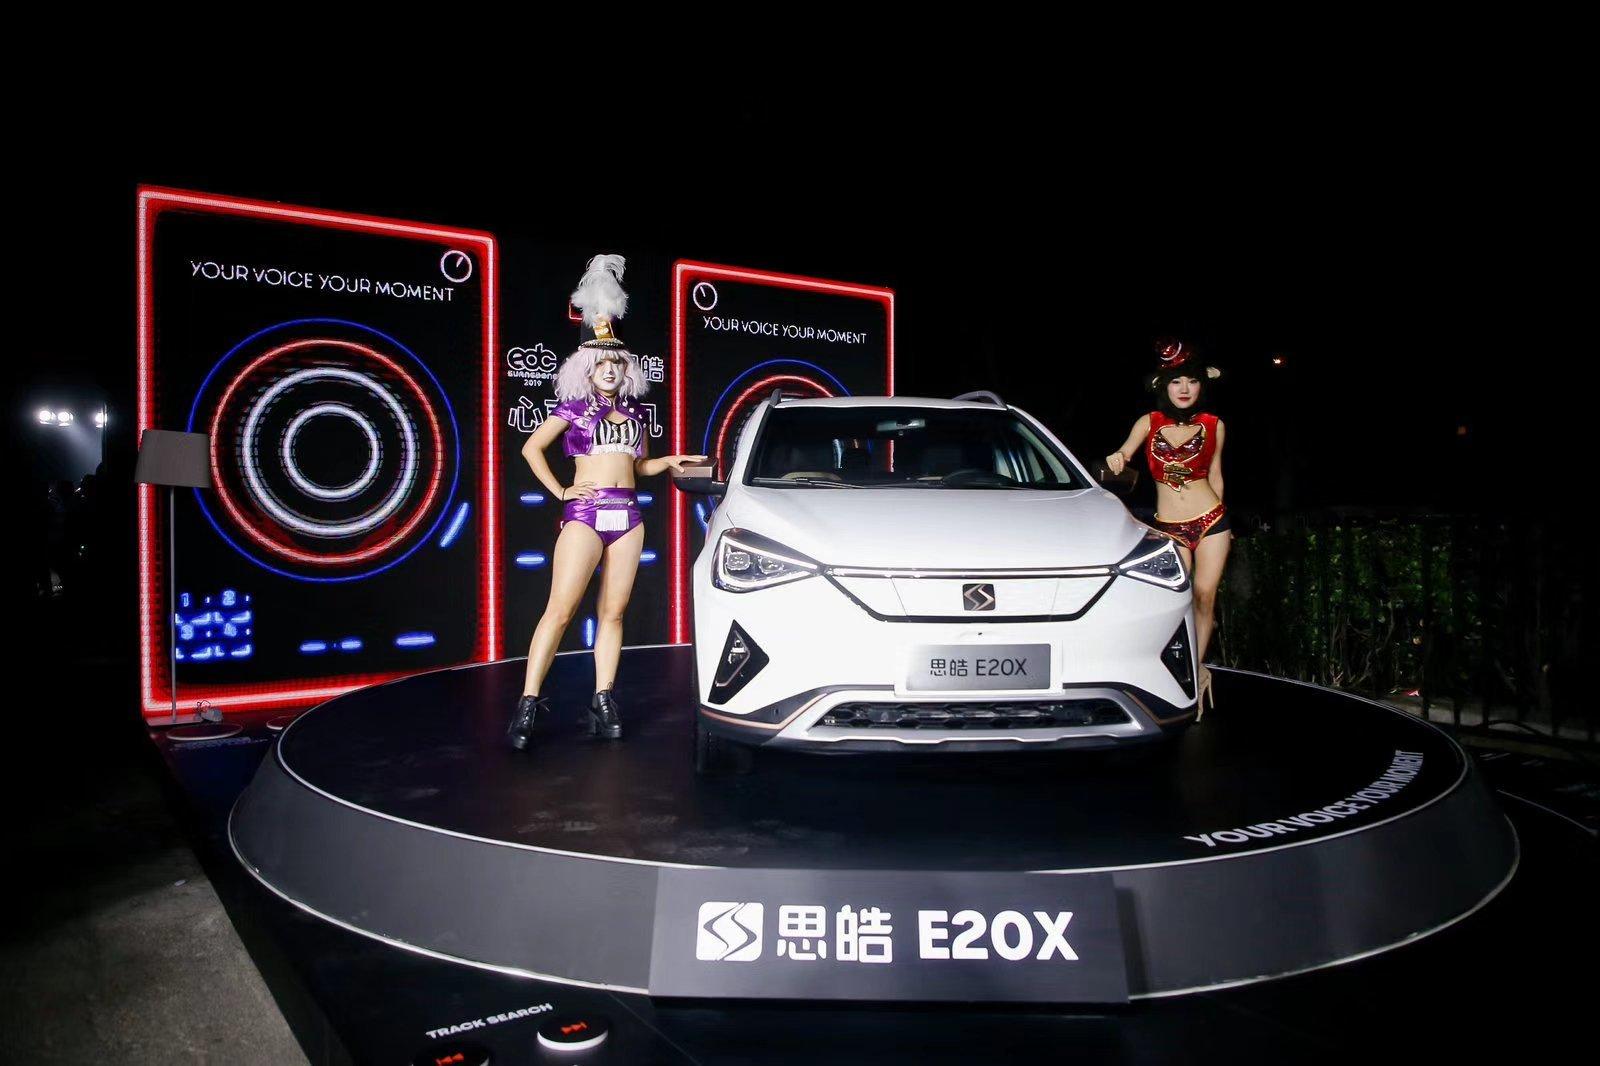 全球第一次在夜店上市的新车型,江淮大众,思皓!